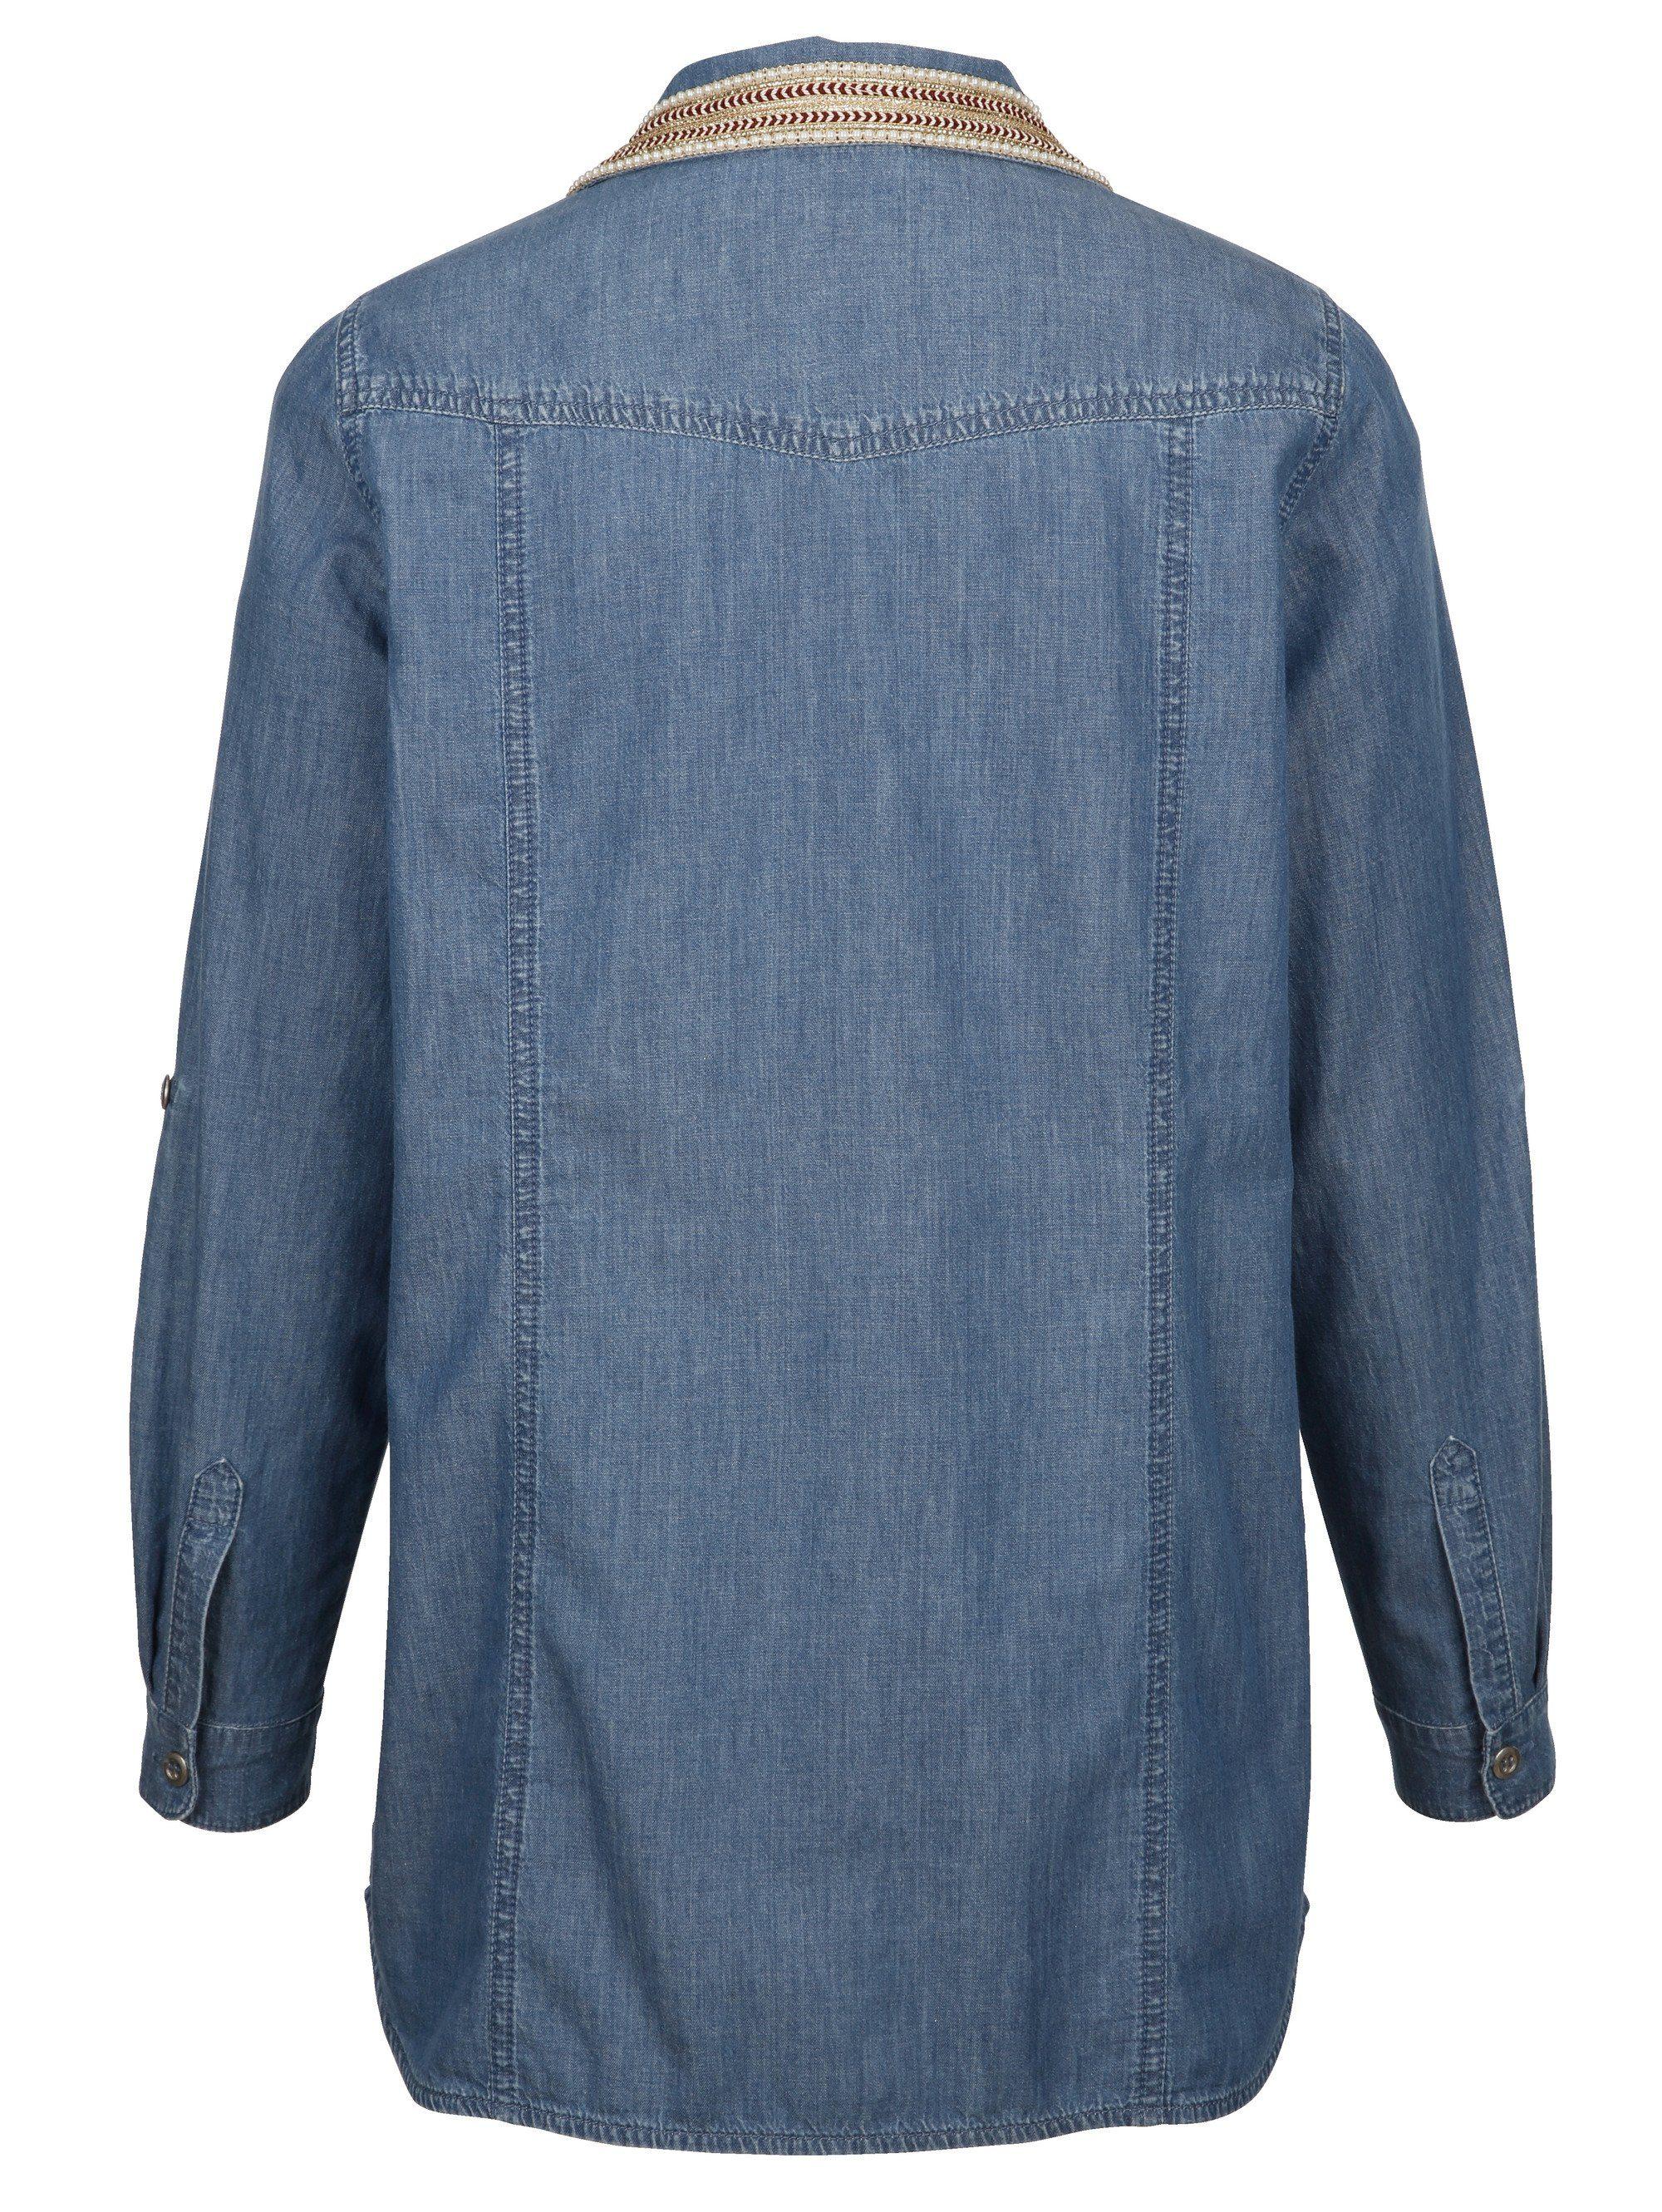 MIAMODA Jeansbluse mit modischem Kragen